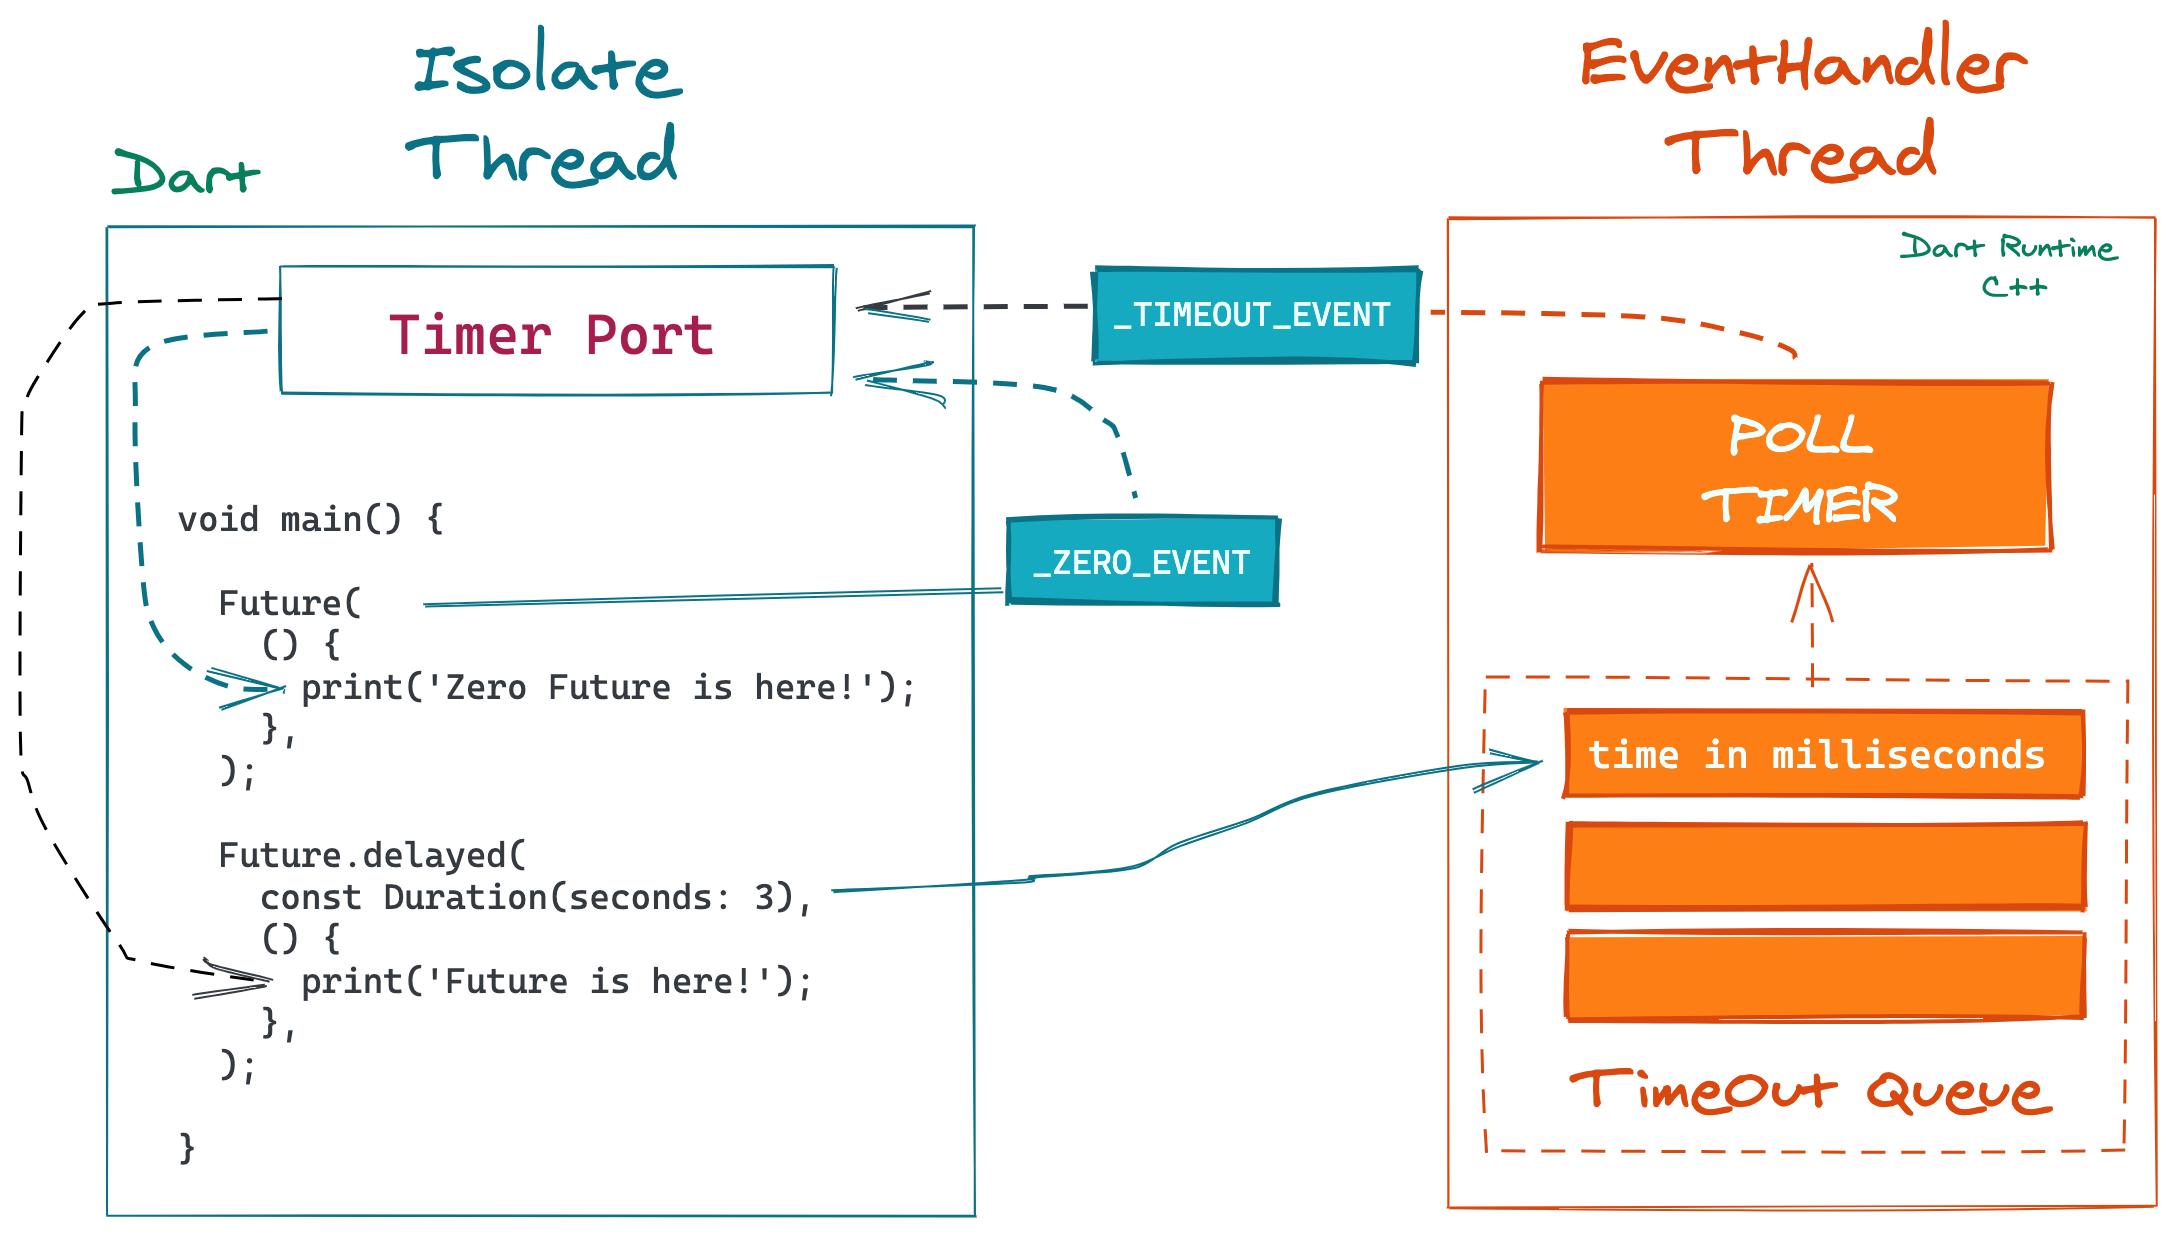 Связь изолята и EventHandler, которые работают в разных потоках